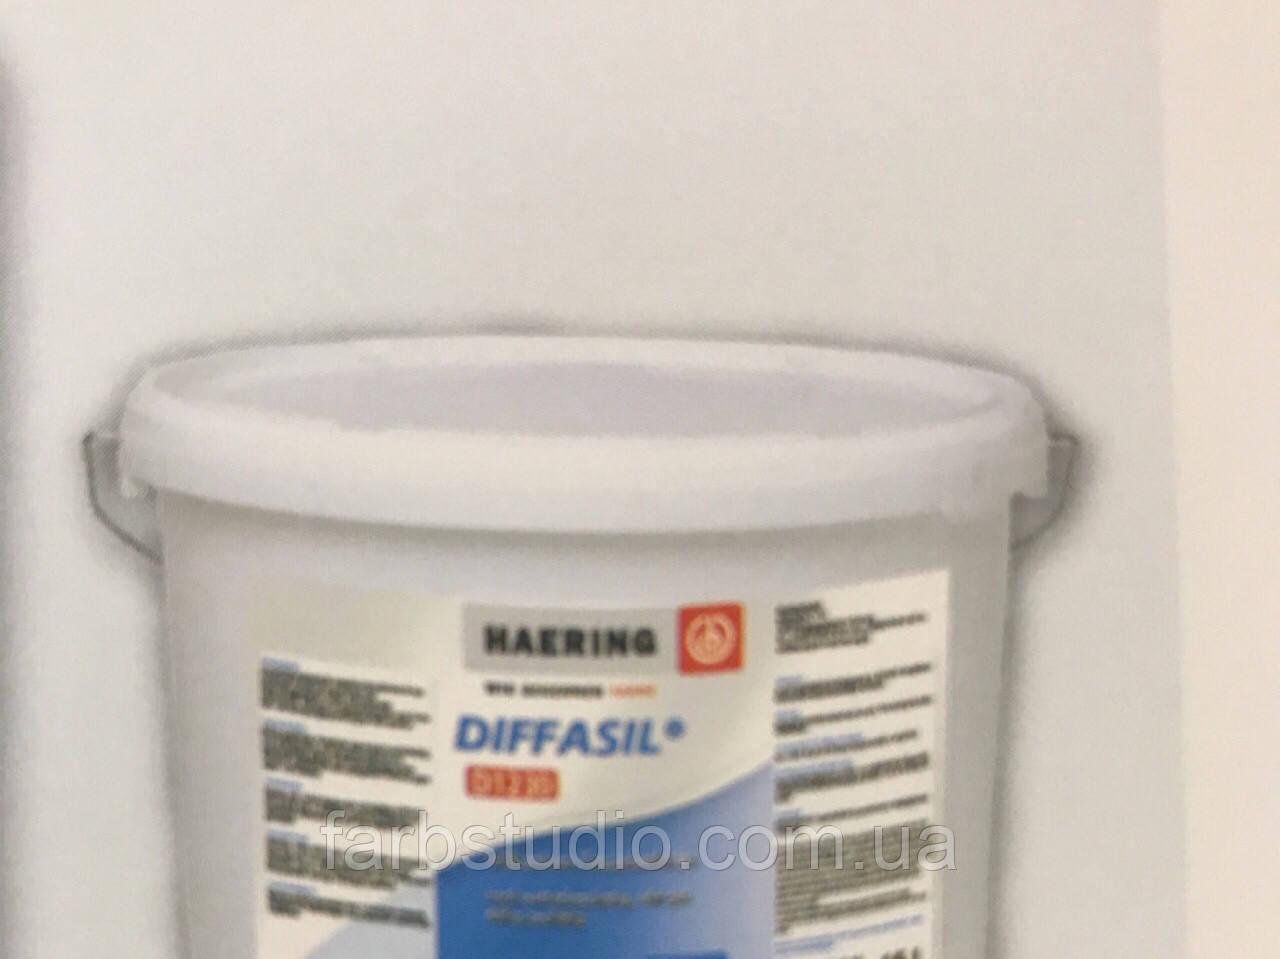 Краска фасадная матовая силиконовая Haering Diffasil D 1230 Германия 10 л база 1 белая для внешних работ